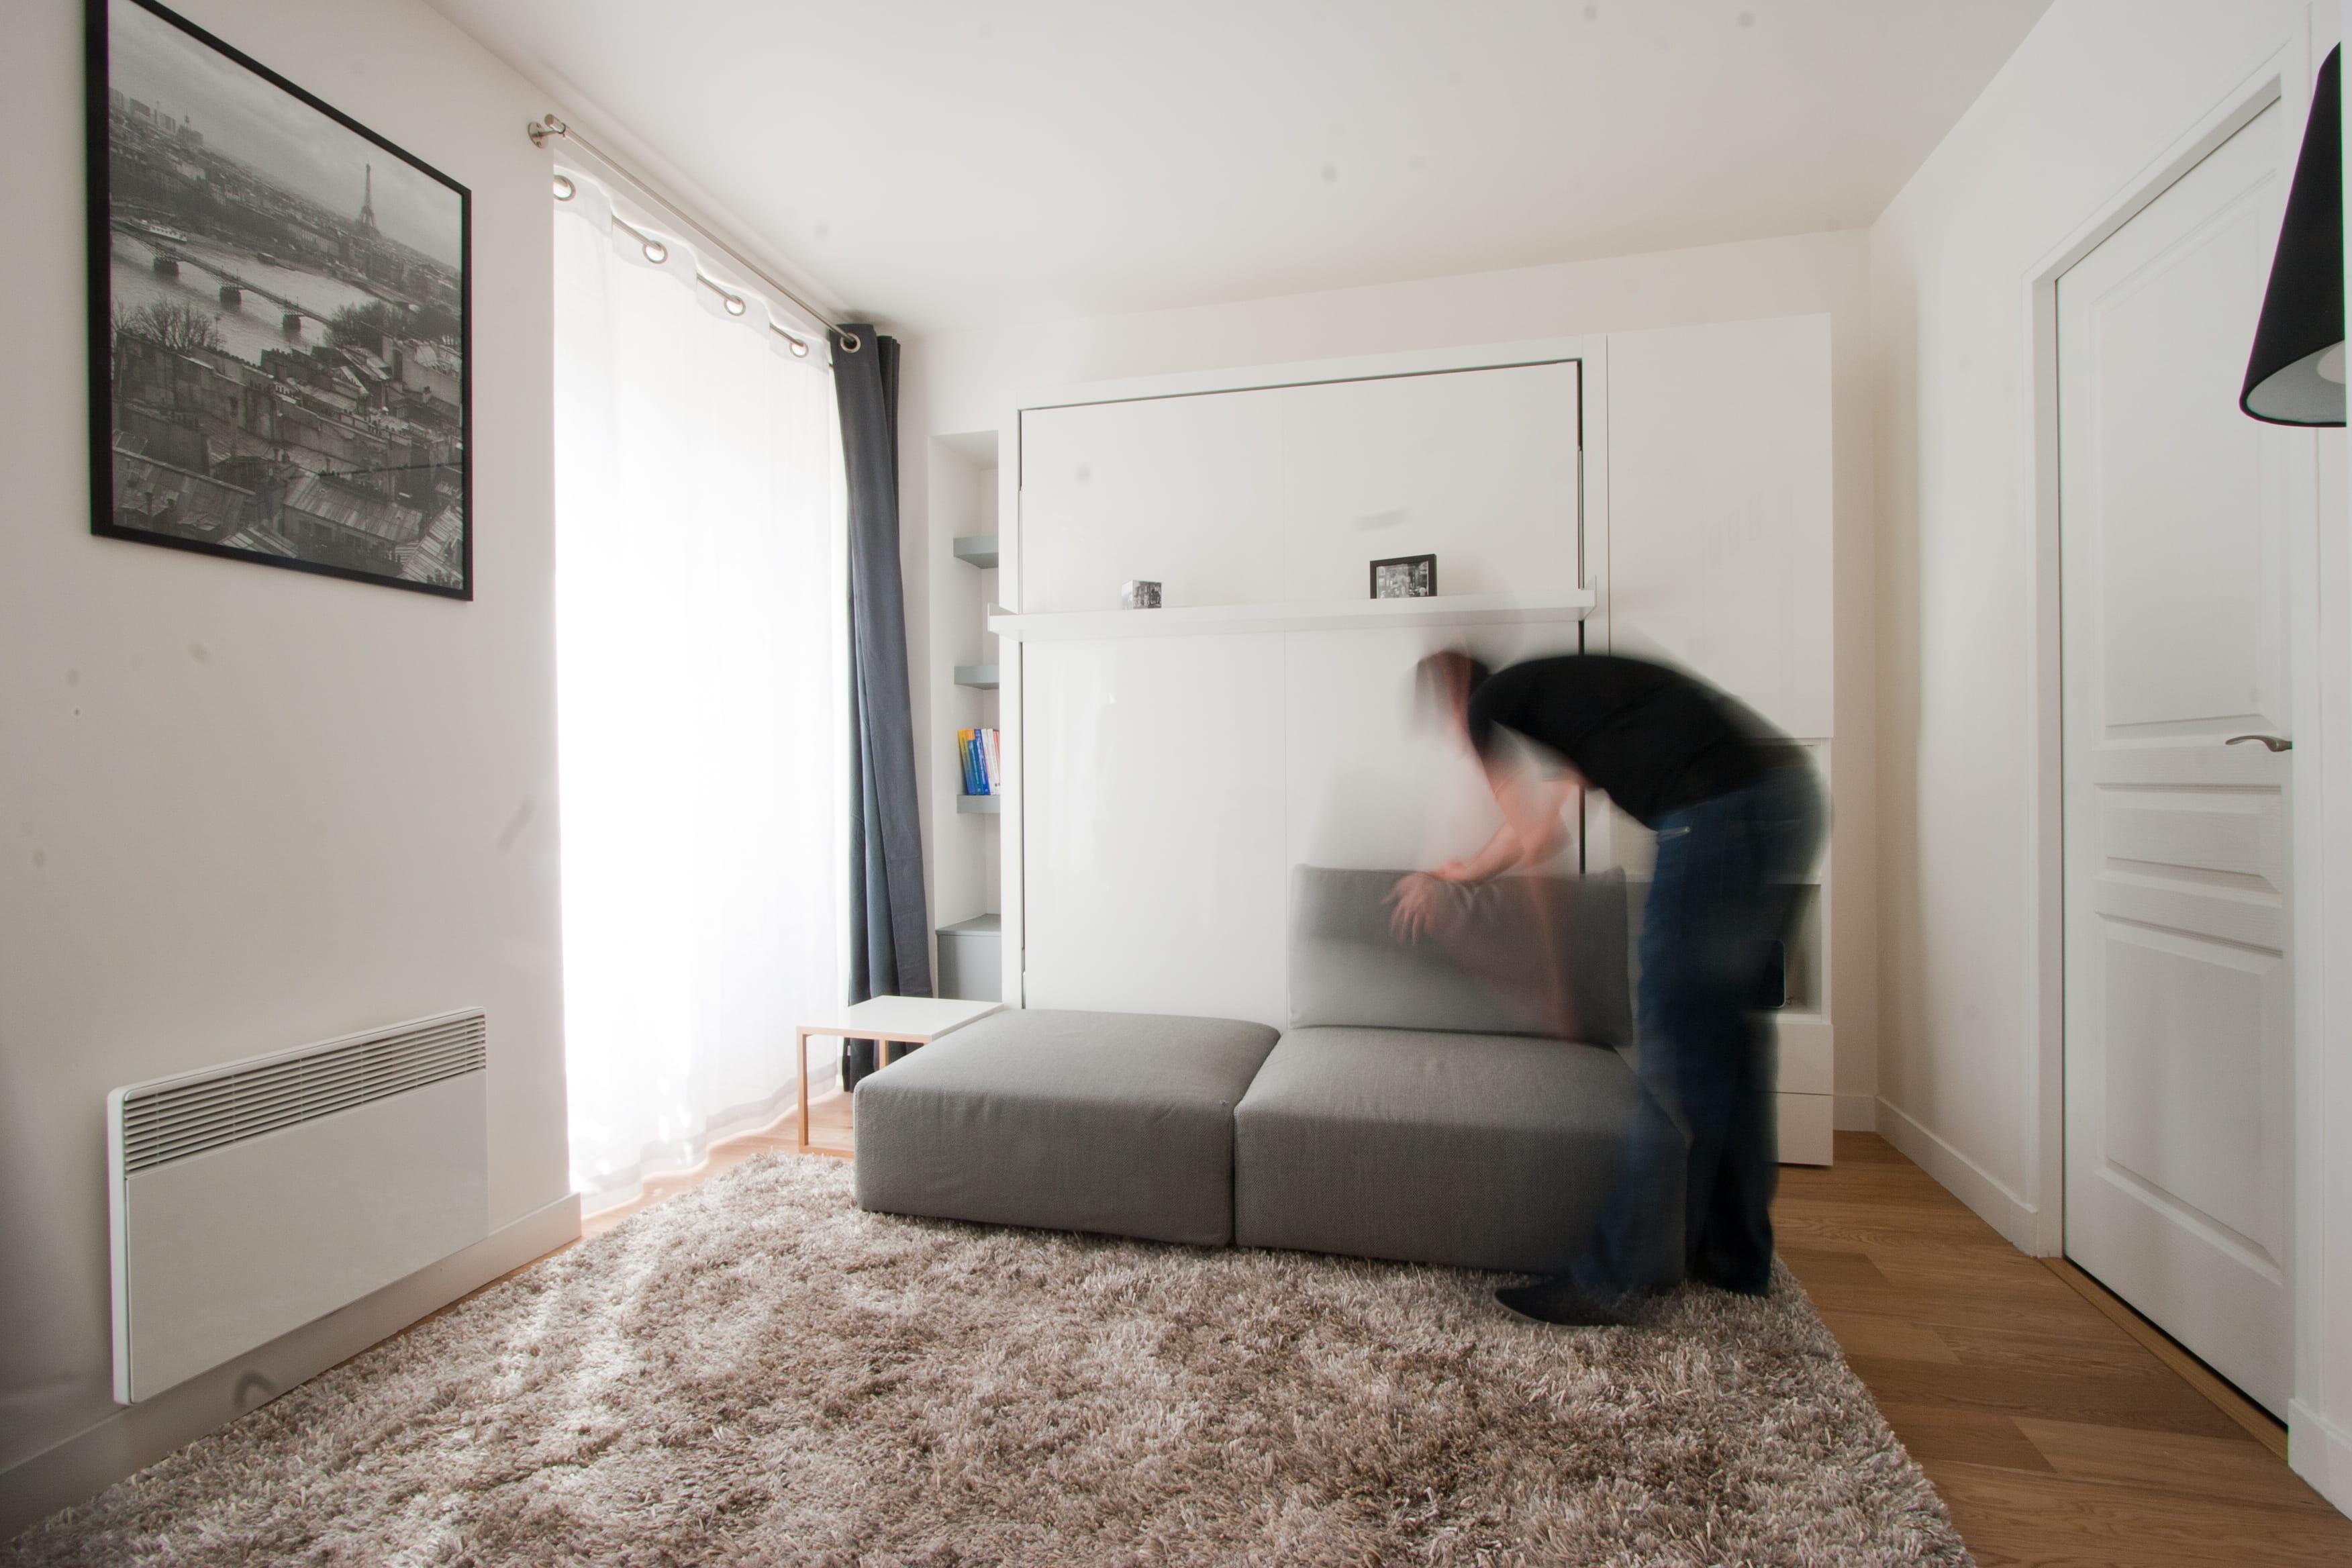 comment gagner de la place 19 id es pour optimiser les m tres carr s. Black Bedroom Furniture Sets. Home Design Ideas